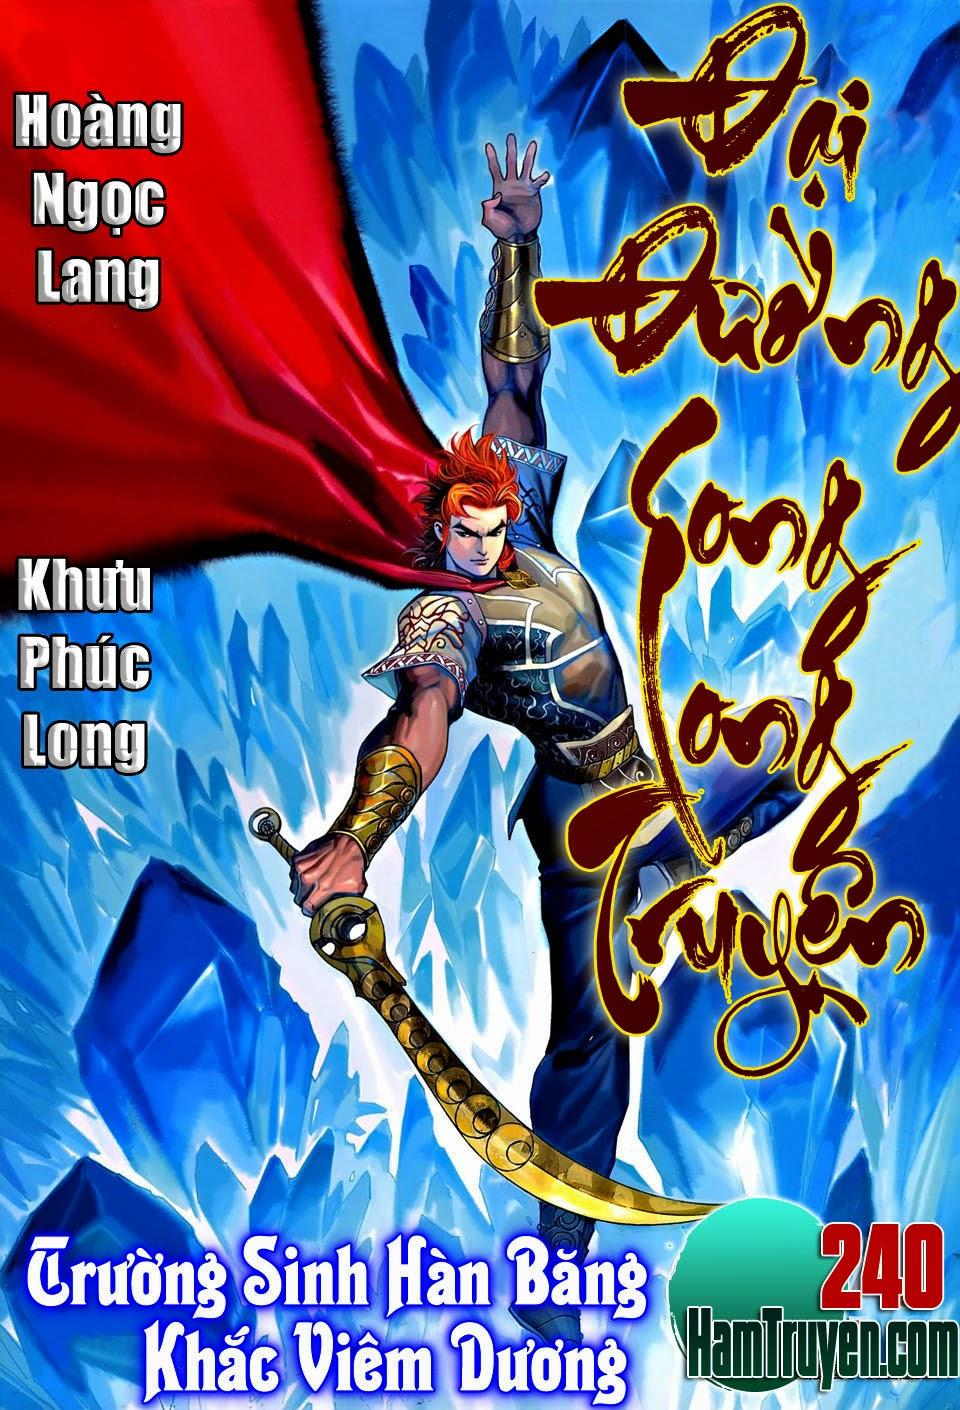 Đại Đường Song Long Truyện chap 240 - Trang 1